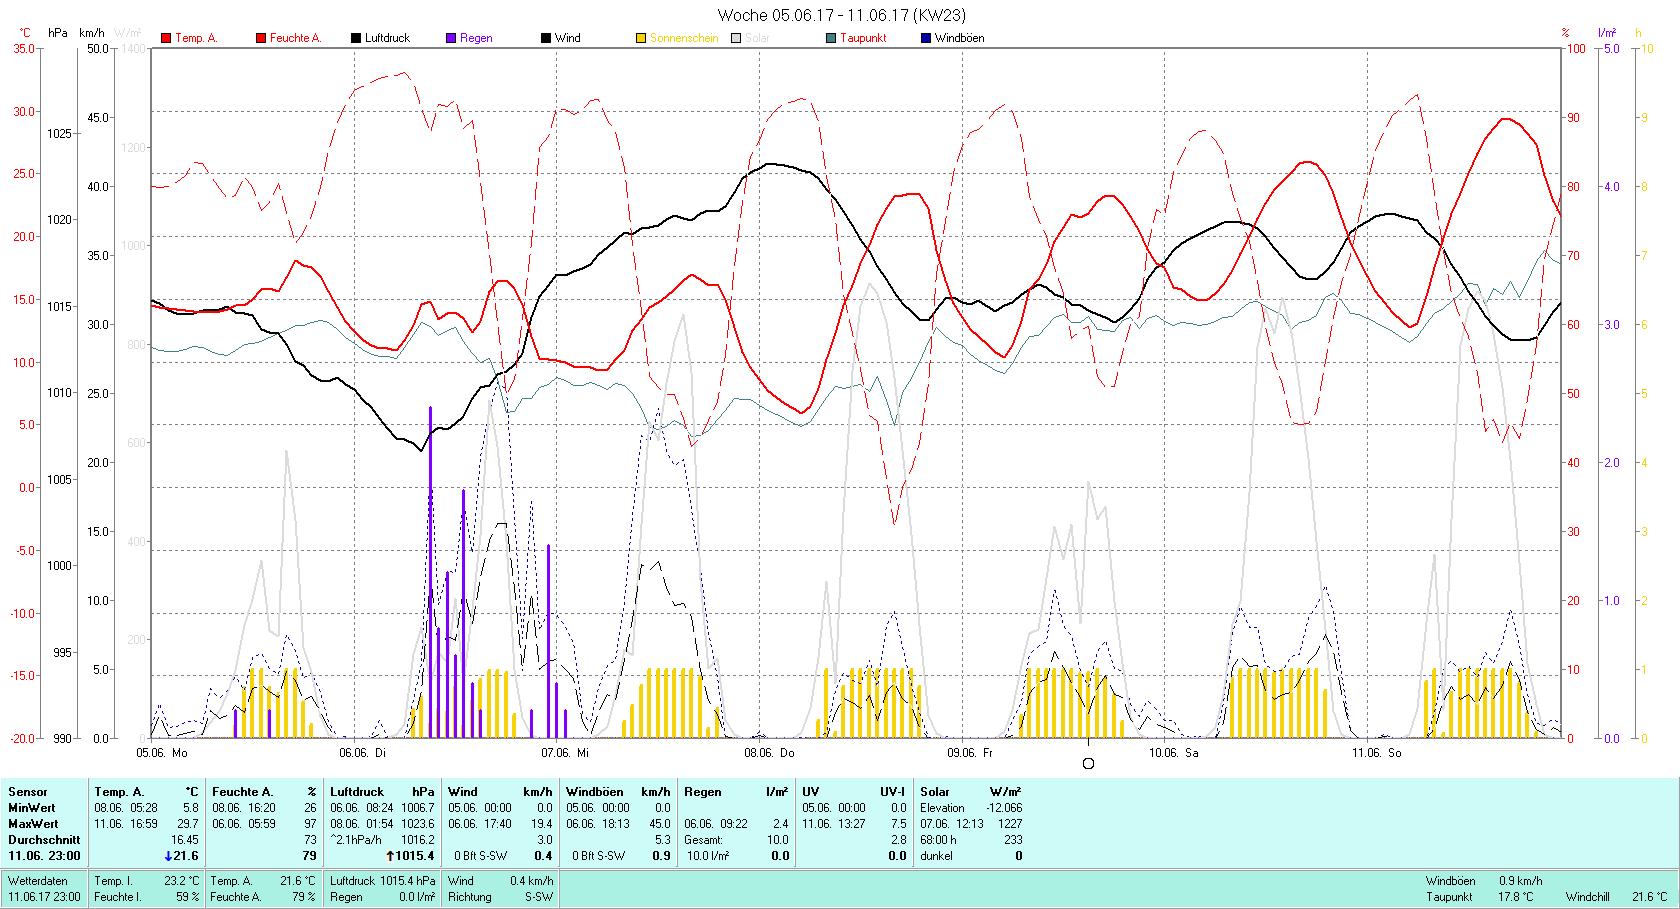 KW 23 Tmin 5.8°C, Tmax 29.7°C, Sonne 68:00h, Niederschlag 10.0mm/2